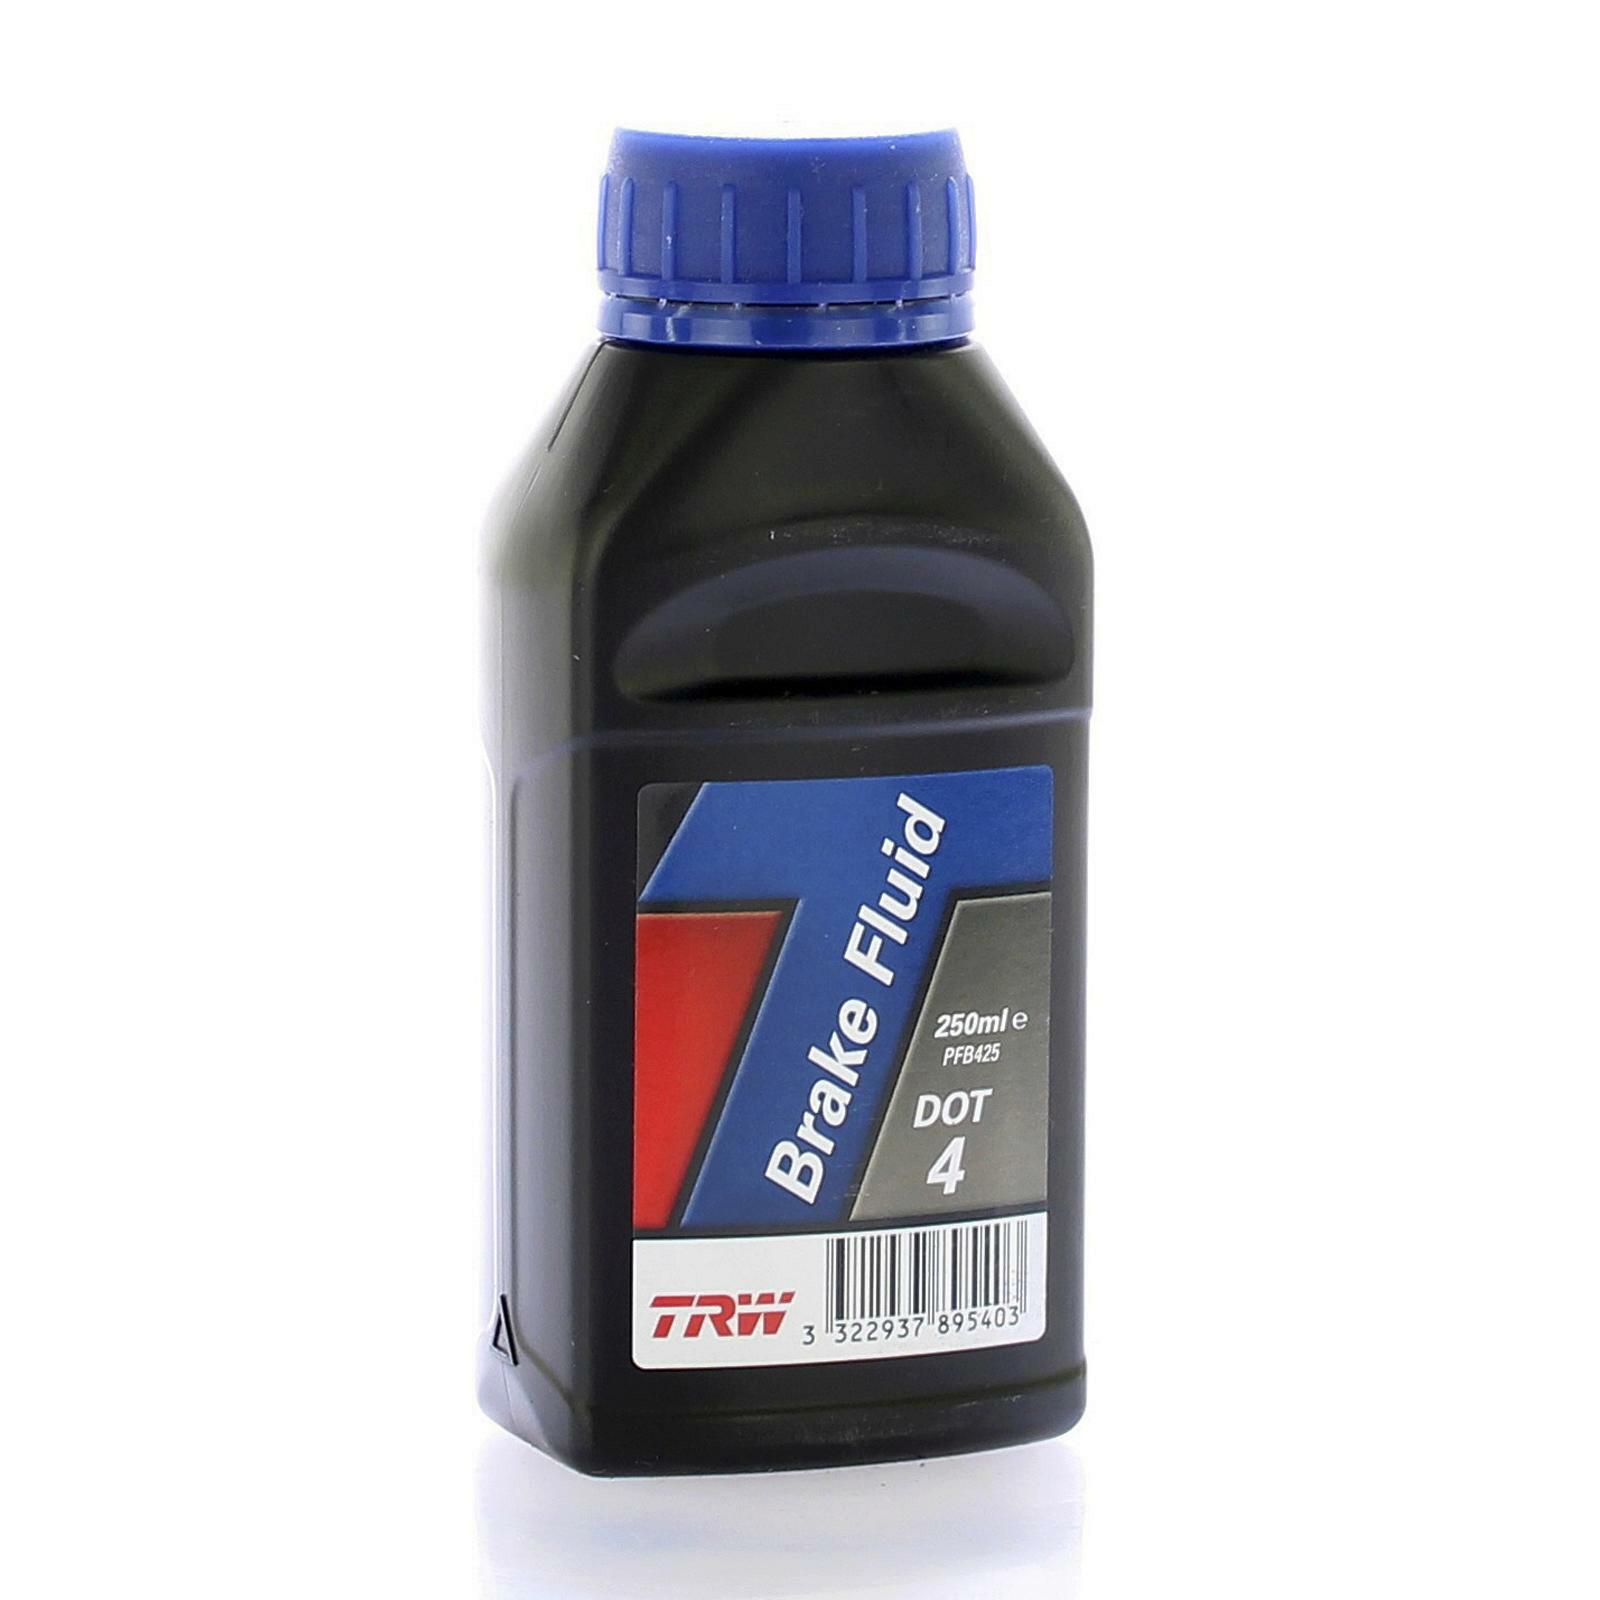 TRW Bremsflüssigkeit 250ml DOT 4